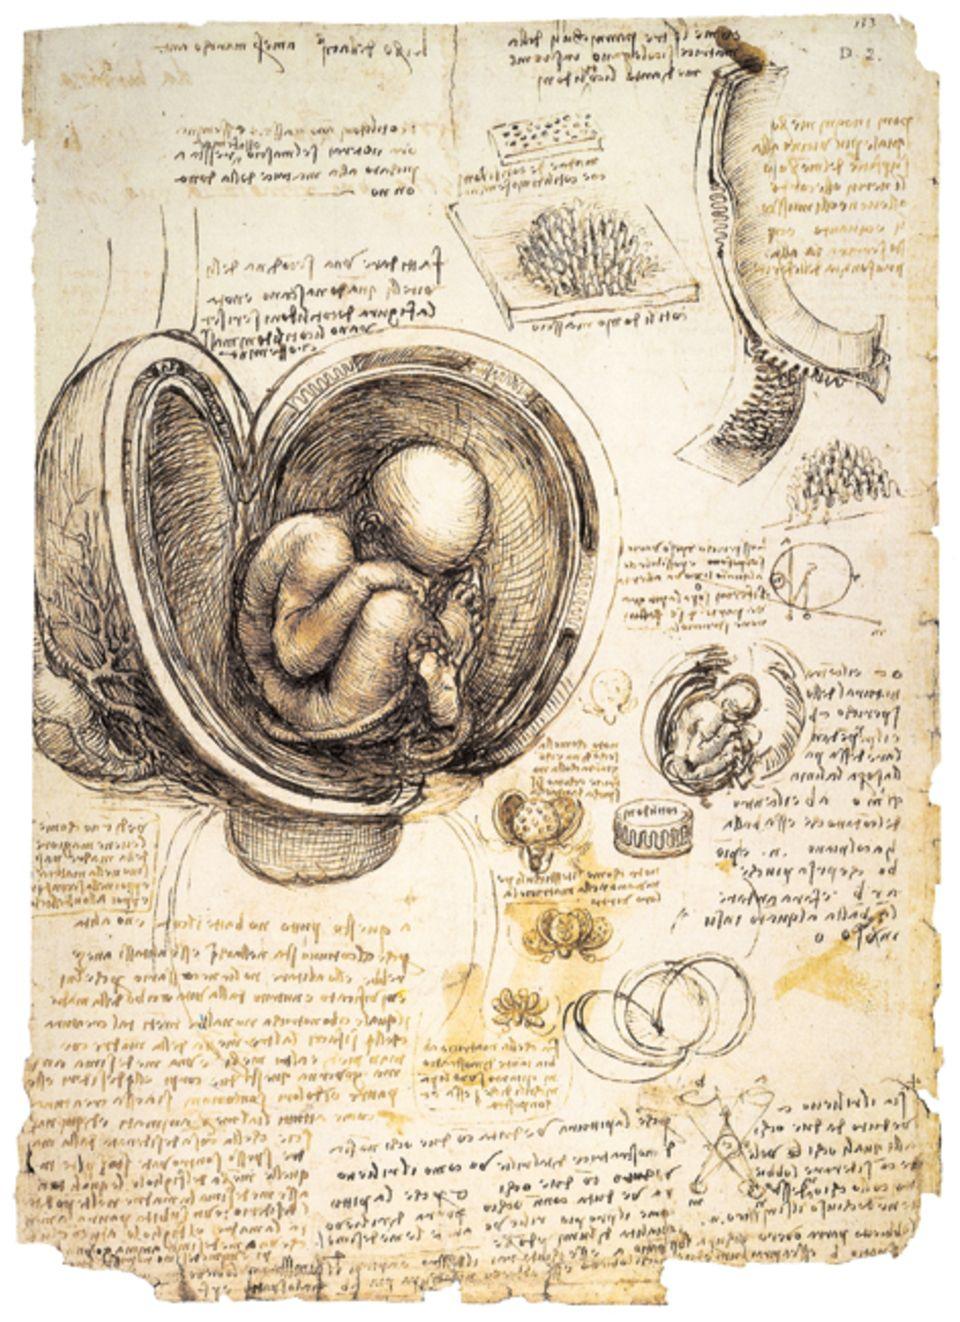 """Renaissance: """"Fötus im Uterus"""": Akribisch seziert Leonardo den menschlichen Körper, erforscht das Skelett, den Verlauf von Muskelsträngen, das Innere der Organe. Um 1510 skizziert der bald 60-Jährige eine geöffnete Gebärmutter mit einem, so schätzt er selbst, vier Monate alten Fötus"""